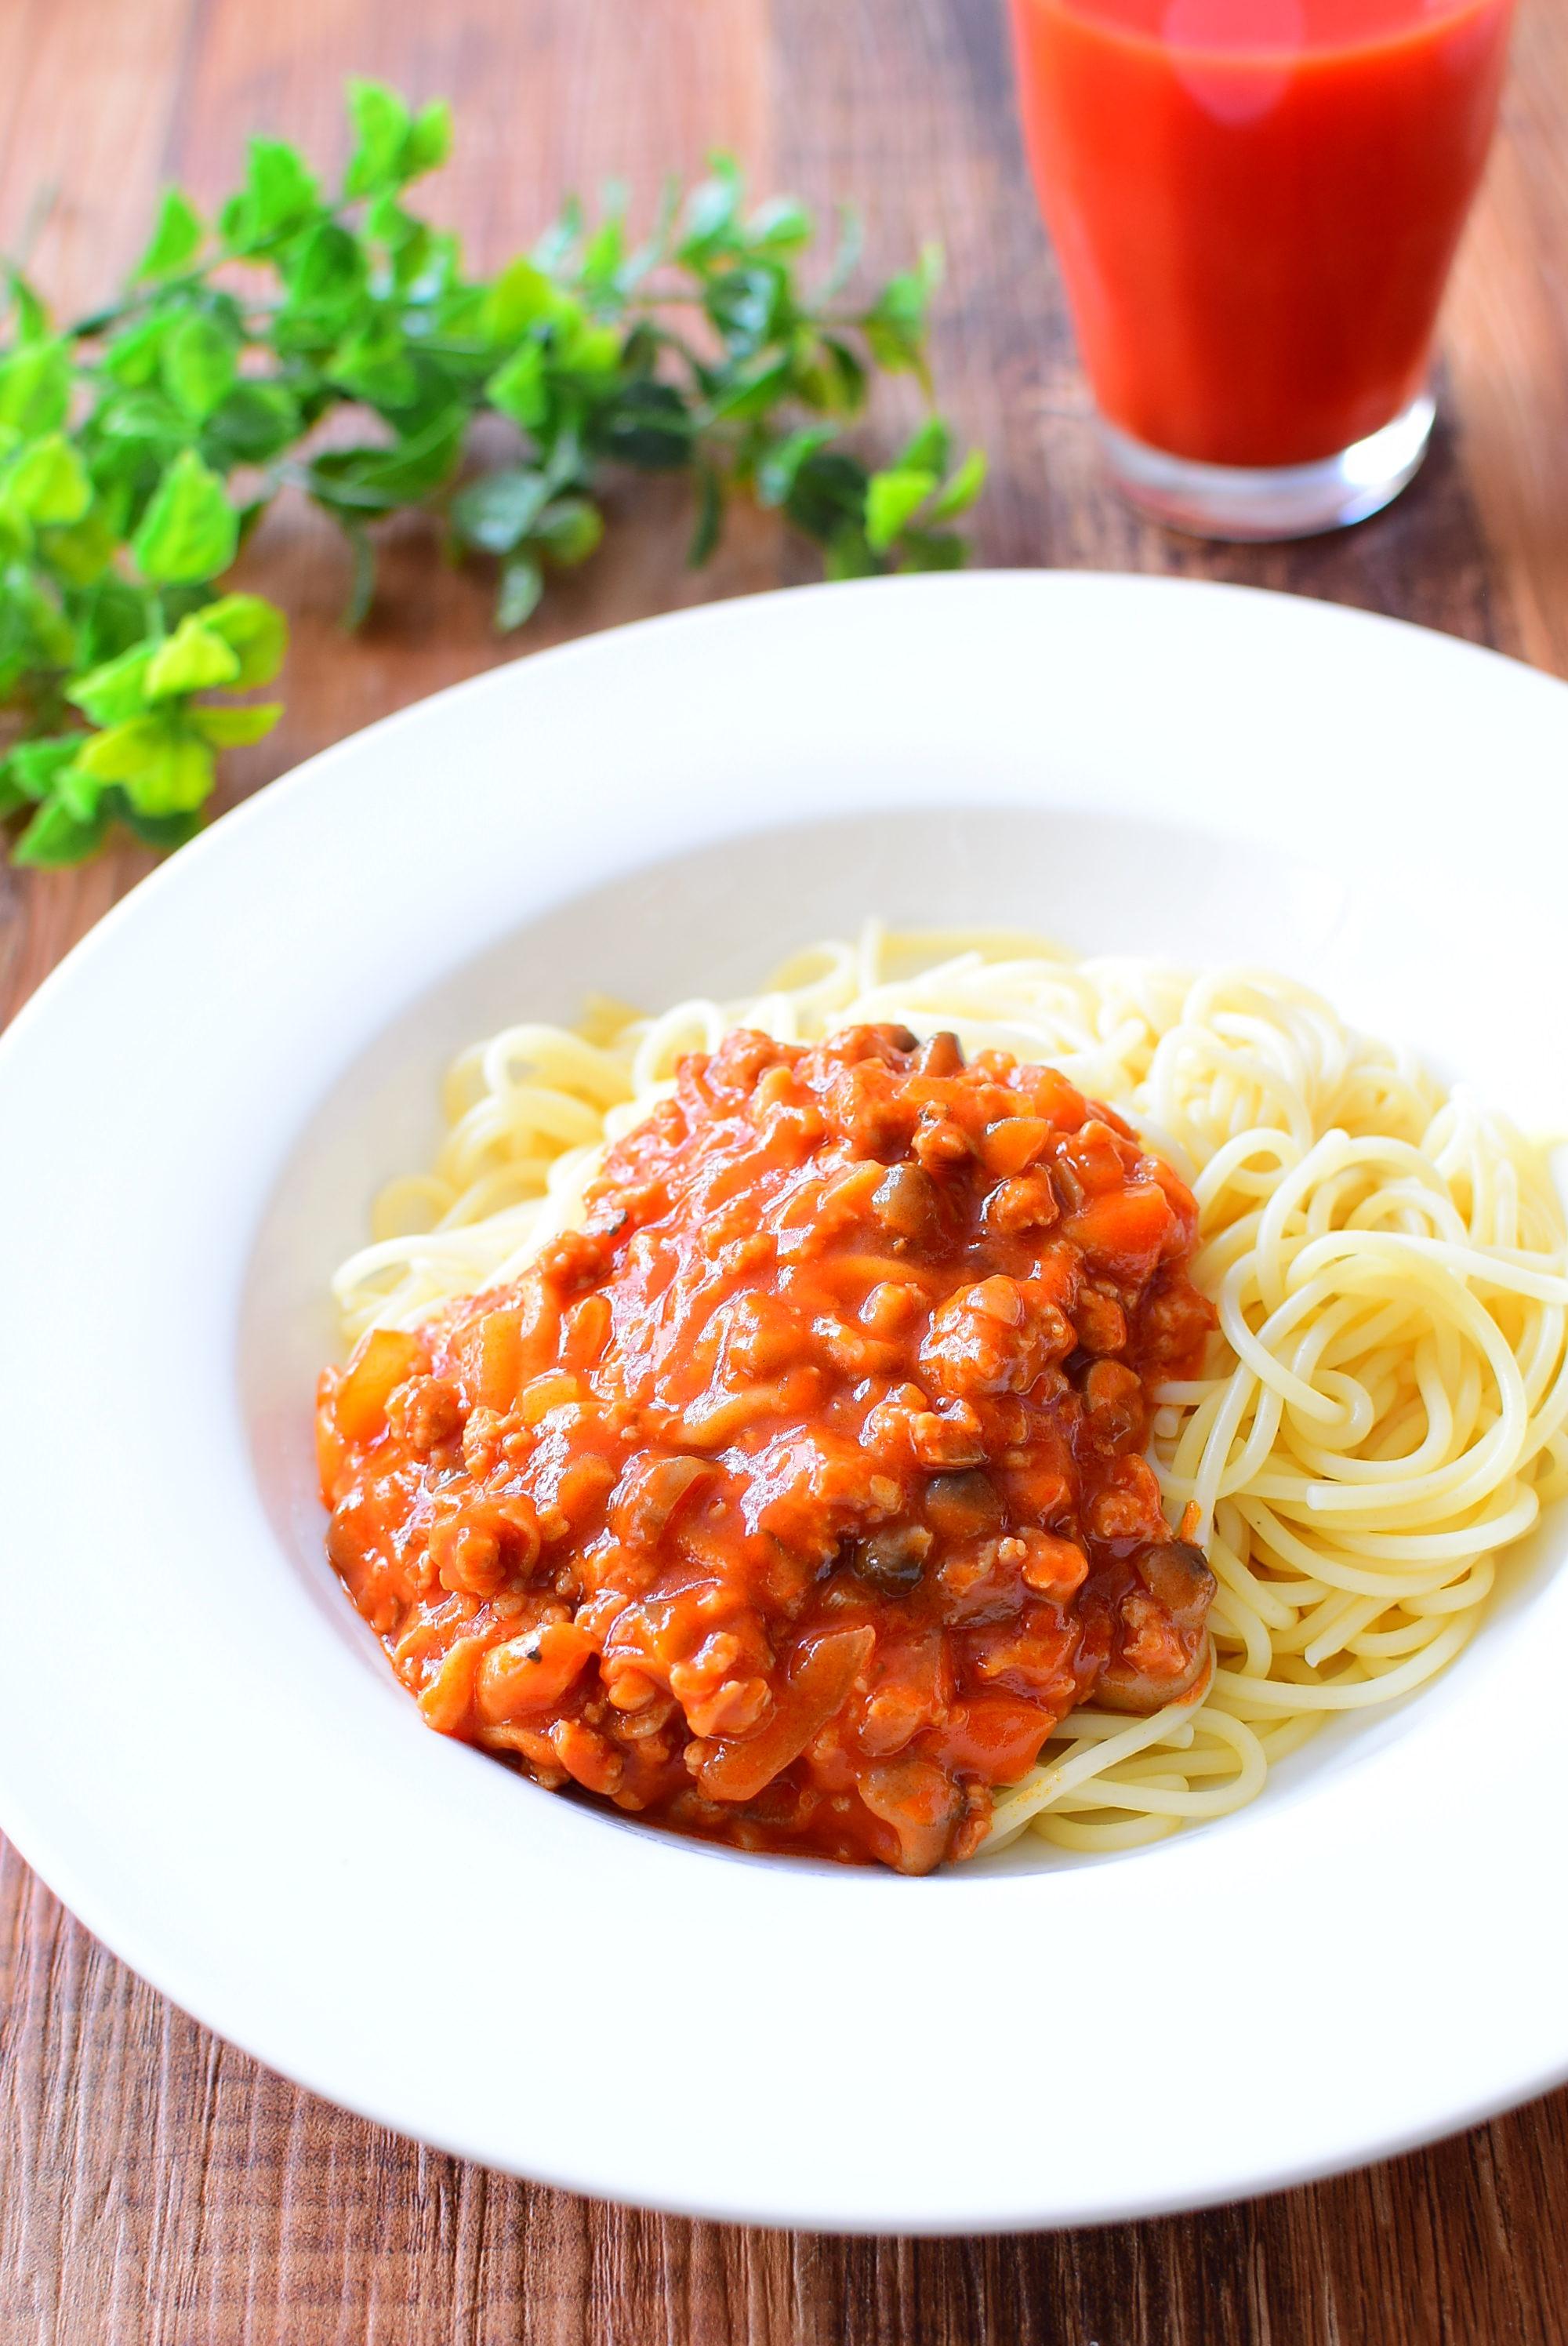 しめじ入り!トマトジュースで作る!ミートソーススパゲッティのレシピ